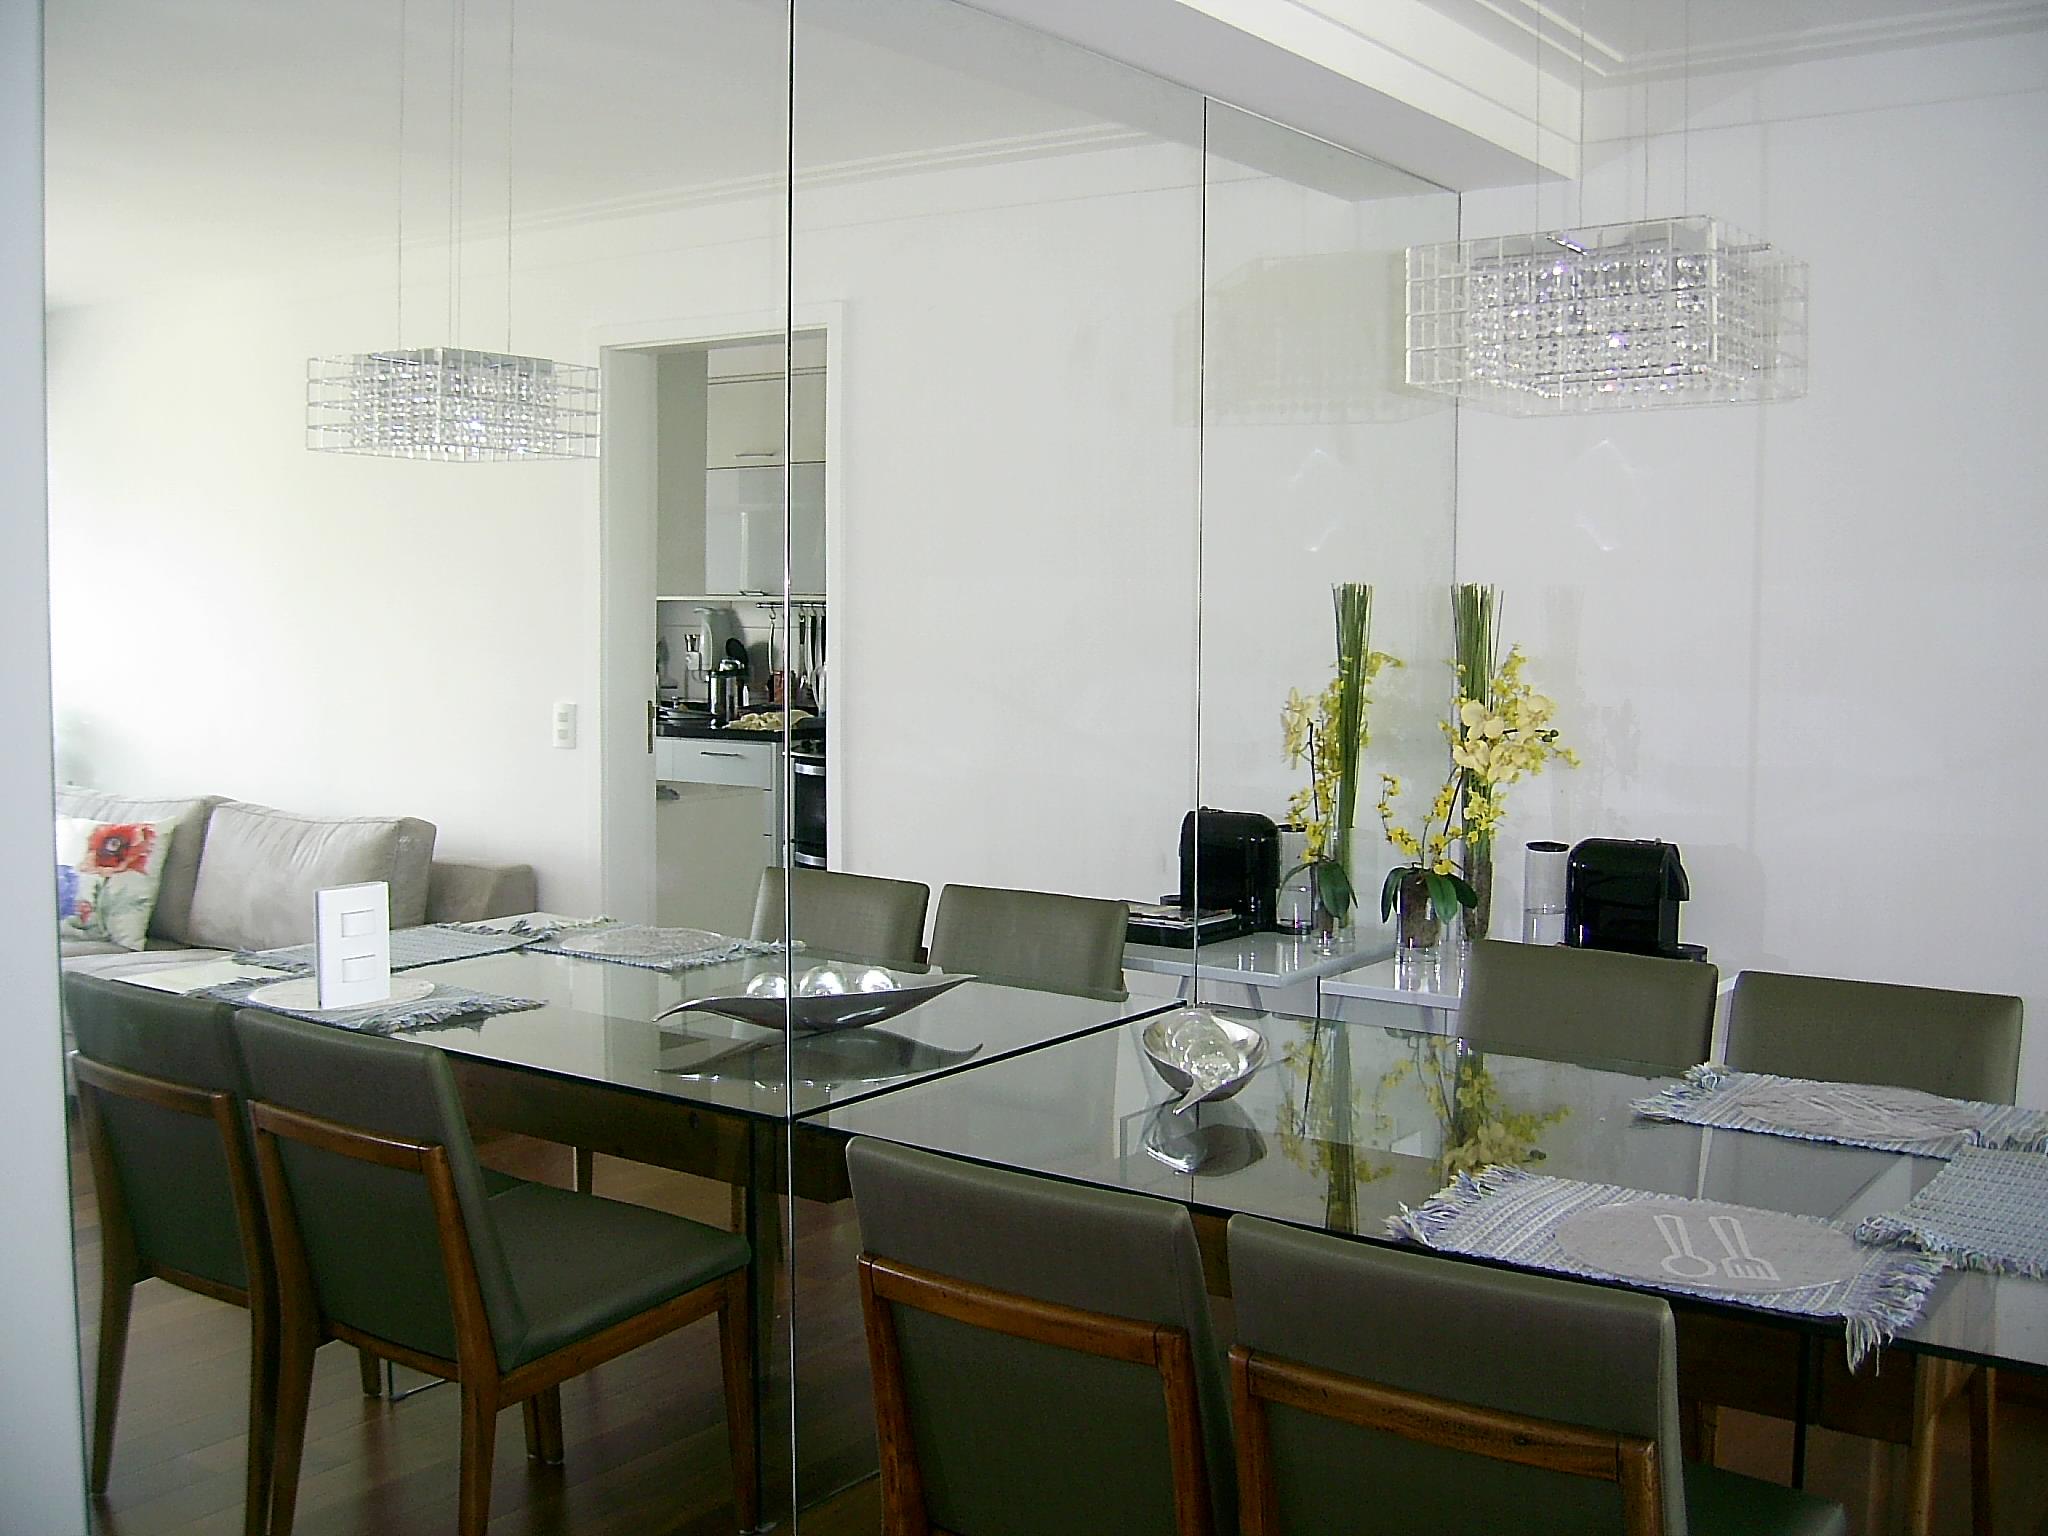 #5C4A30 Deixe um comentário Cancelar resposta 2048x1536 píxeis em Decoração Para Sala De Jantar Com Espelho